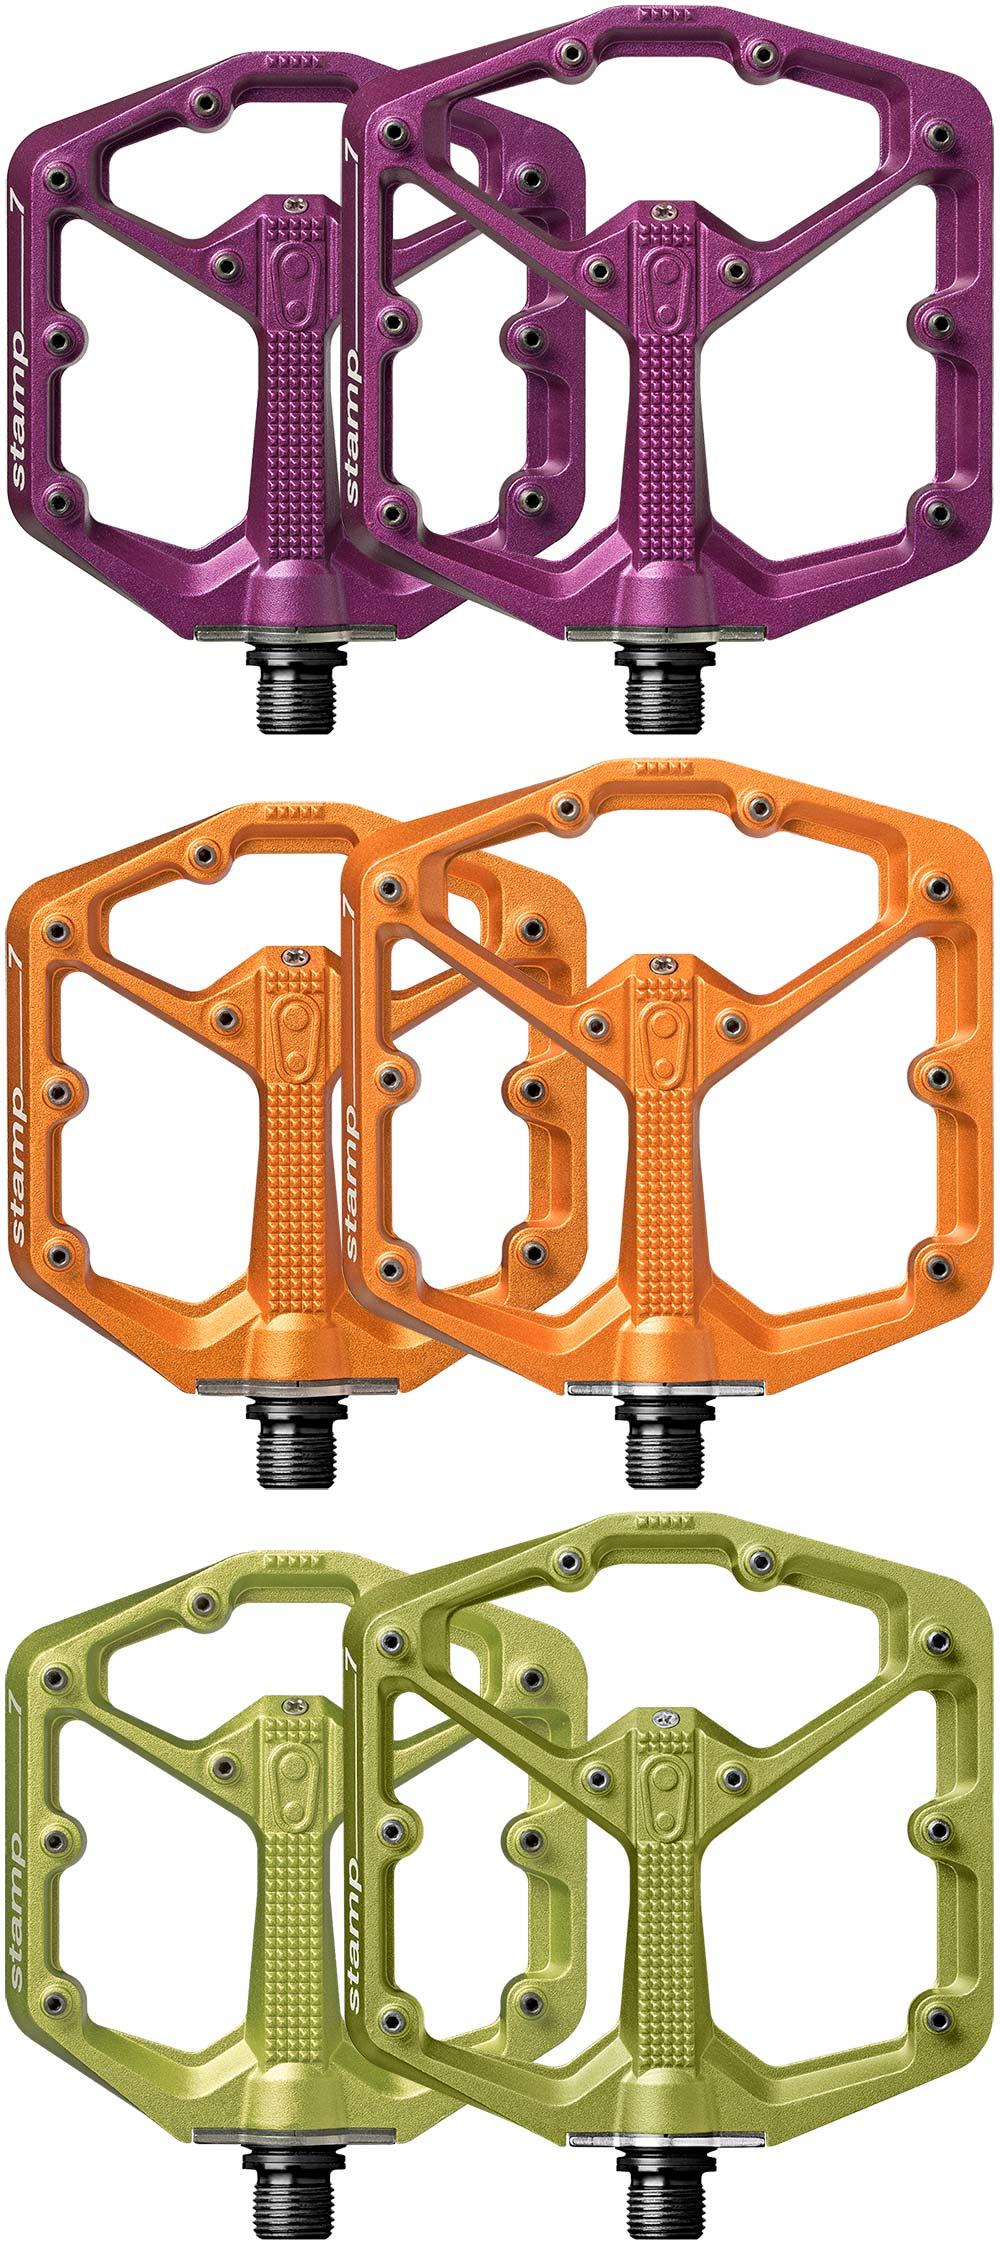 En TodoMountainBike: Edición limitada en color naranja, verde o púrpura para los pedales Crankbrothers Stamp 7